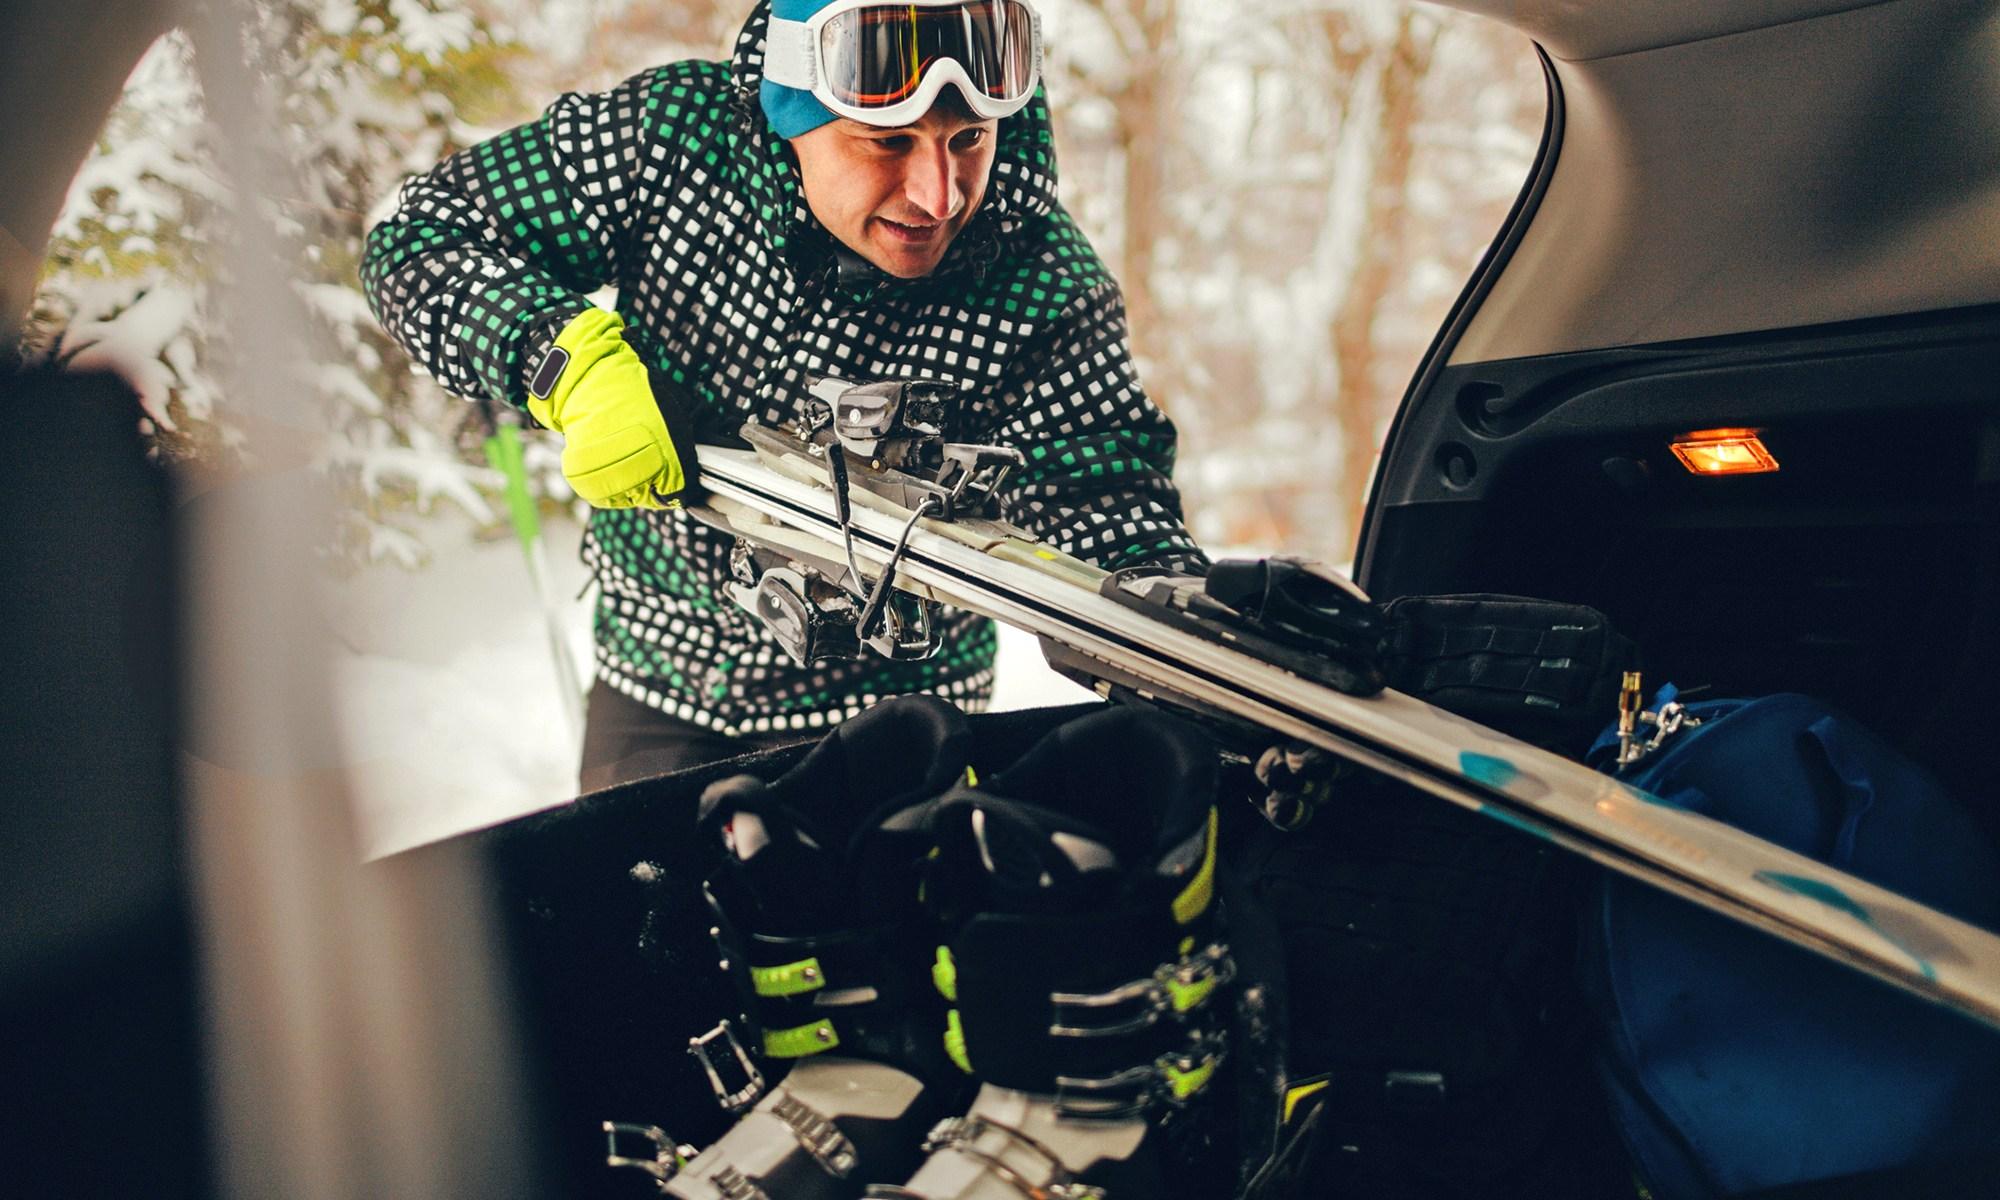 Koliko često je potrebno napraviti servis skija?